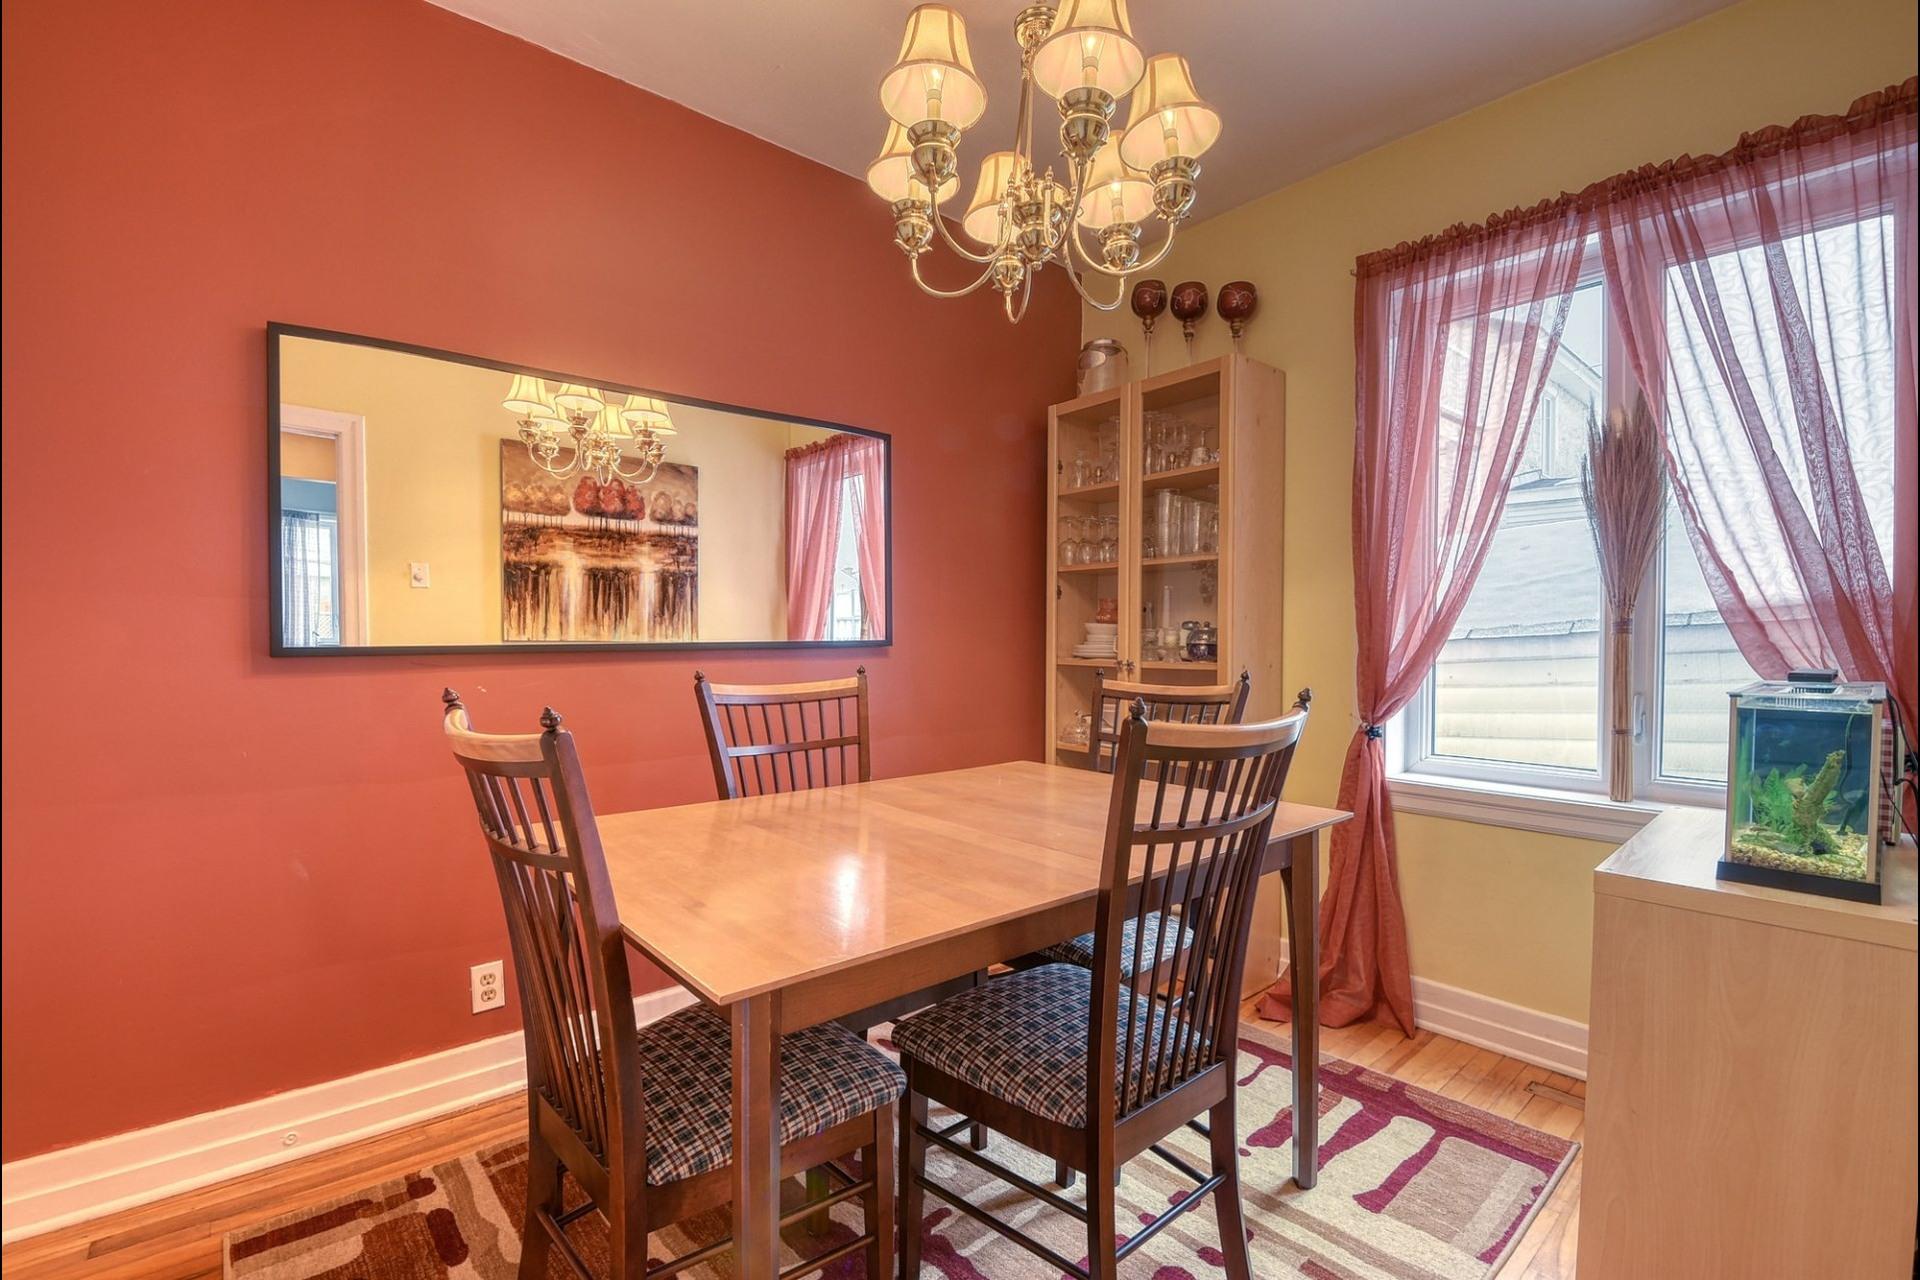 image 8 - House For sale Lachine Montréal  - 8 rooms